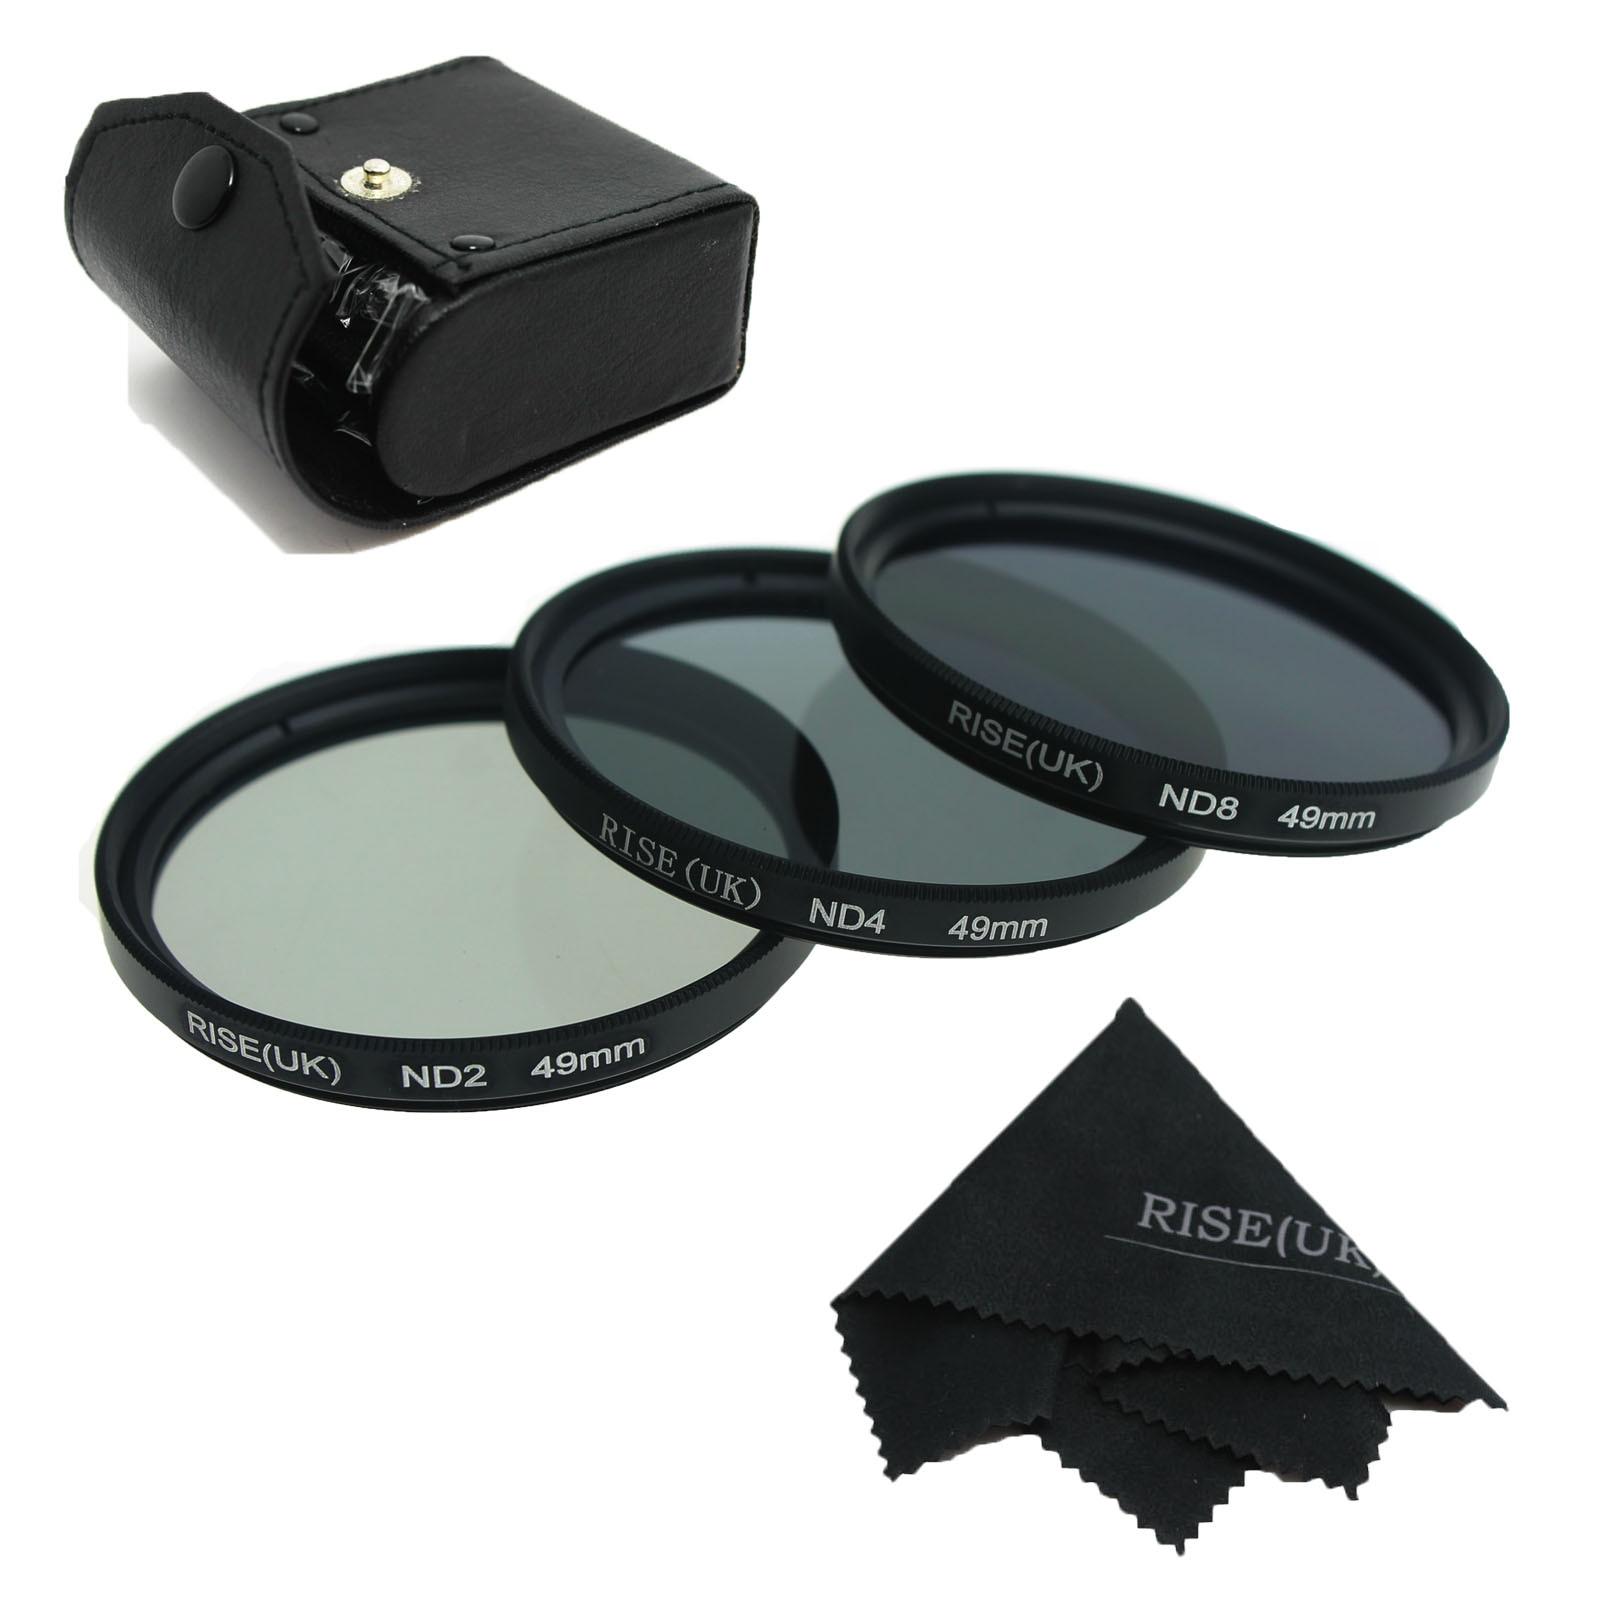 Rise (UK) 49mm 52mm 55mm 58mm 62mm 67mm 72mm 77mm neutral filtro de densidad kit ND2 ND4 ND8 nd 2 4 8